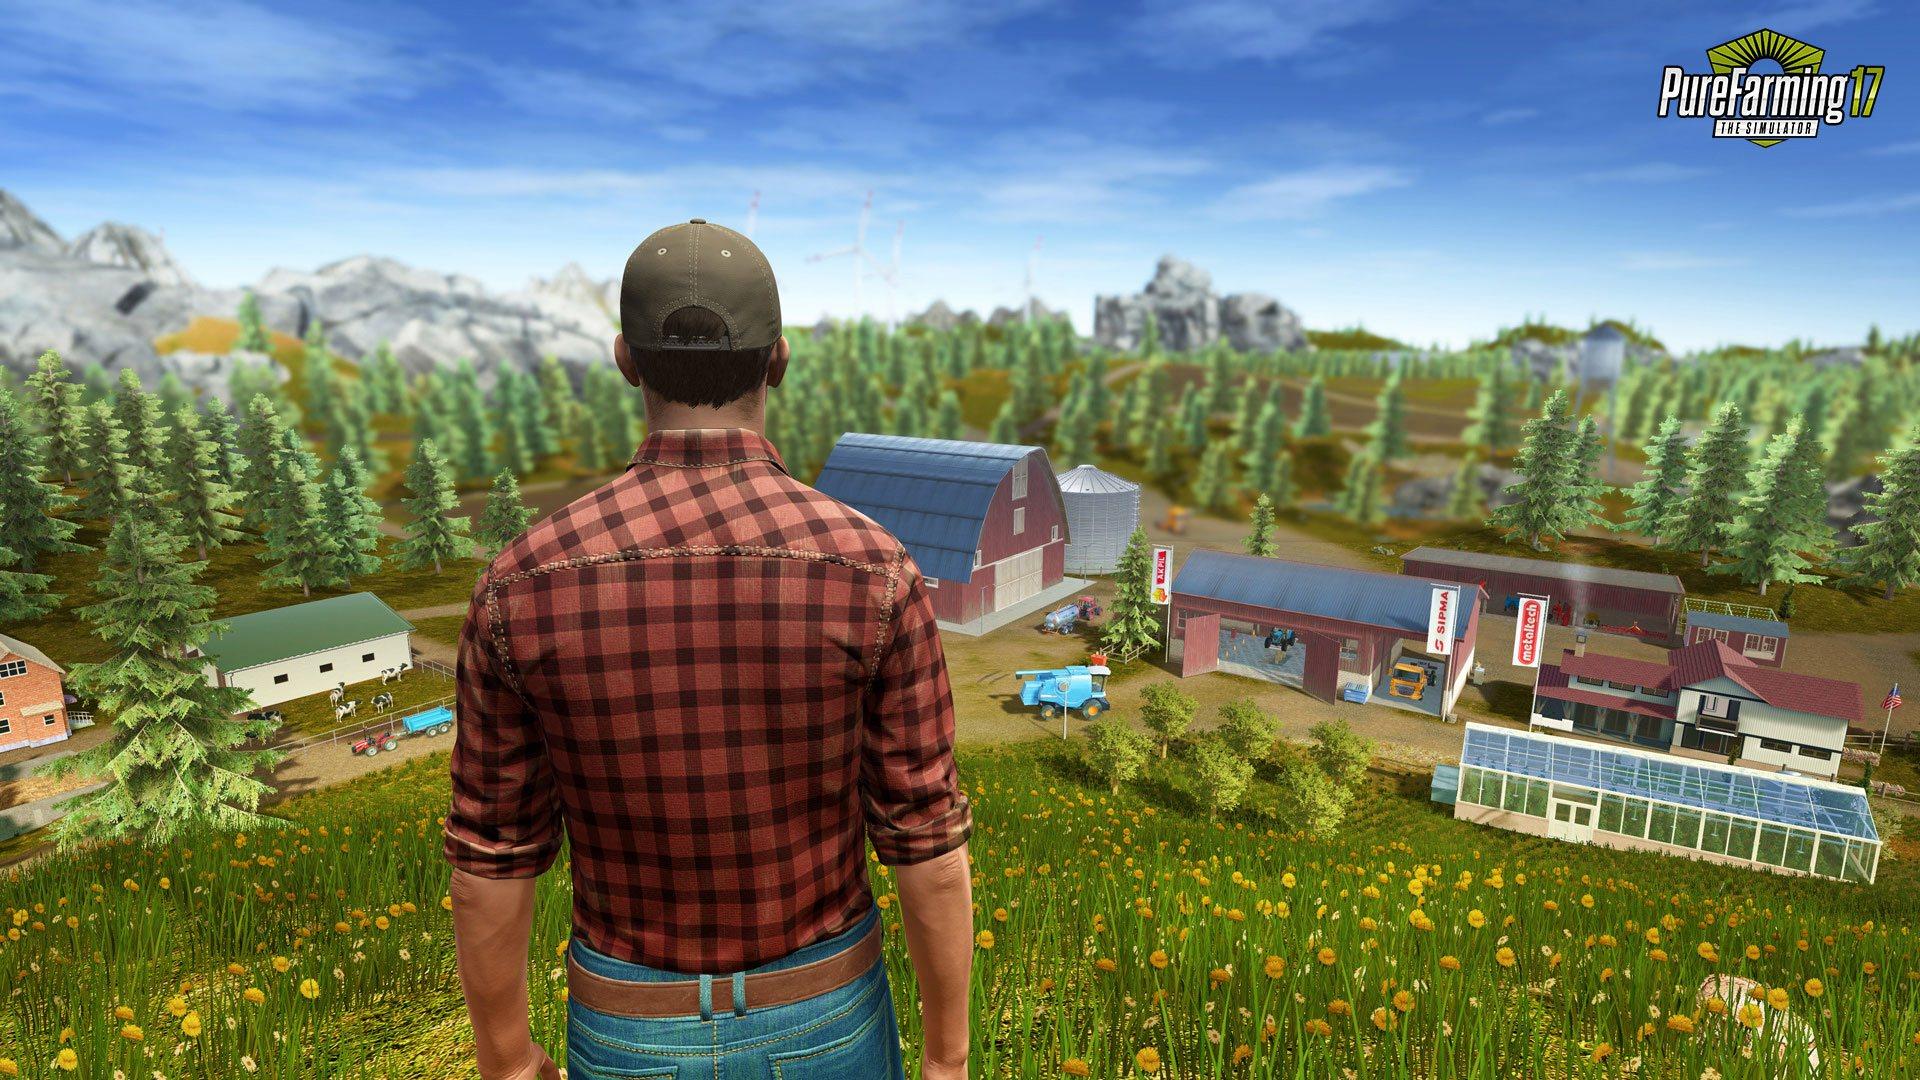 V Pure Farming 17 zemědělcem na čtyřech kontinentech s odlišnými plodinami 129521